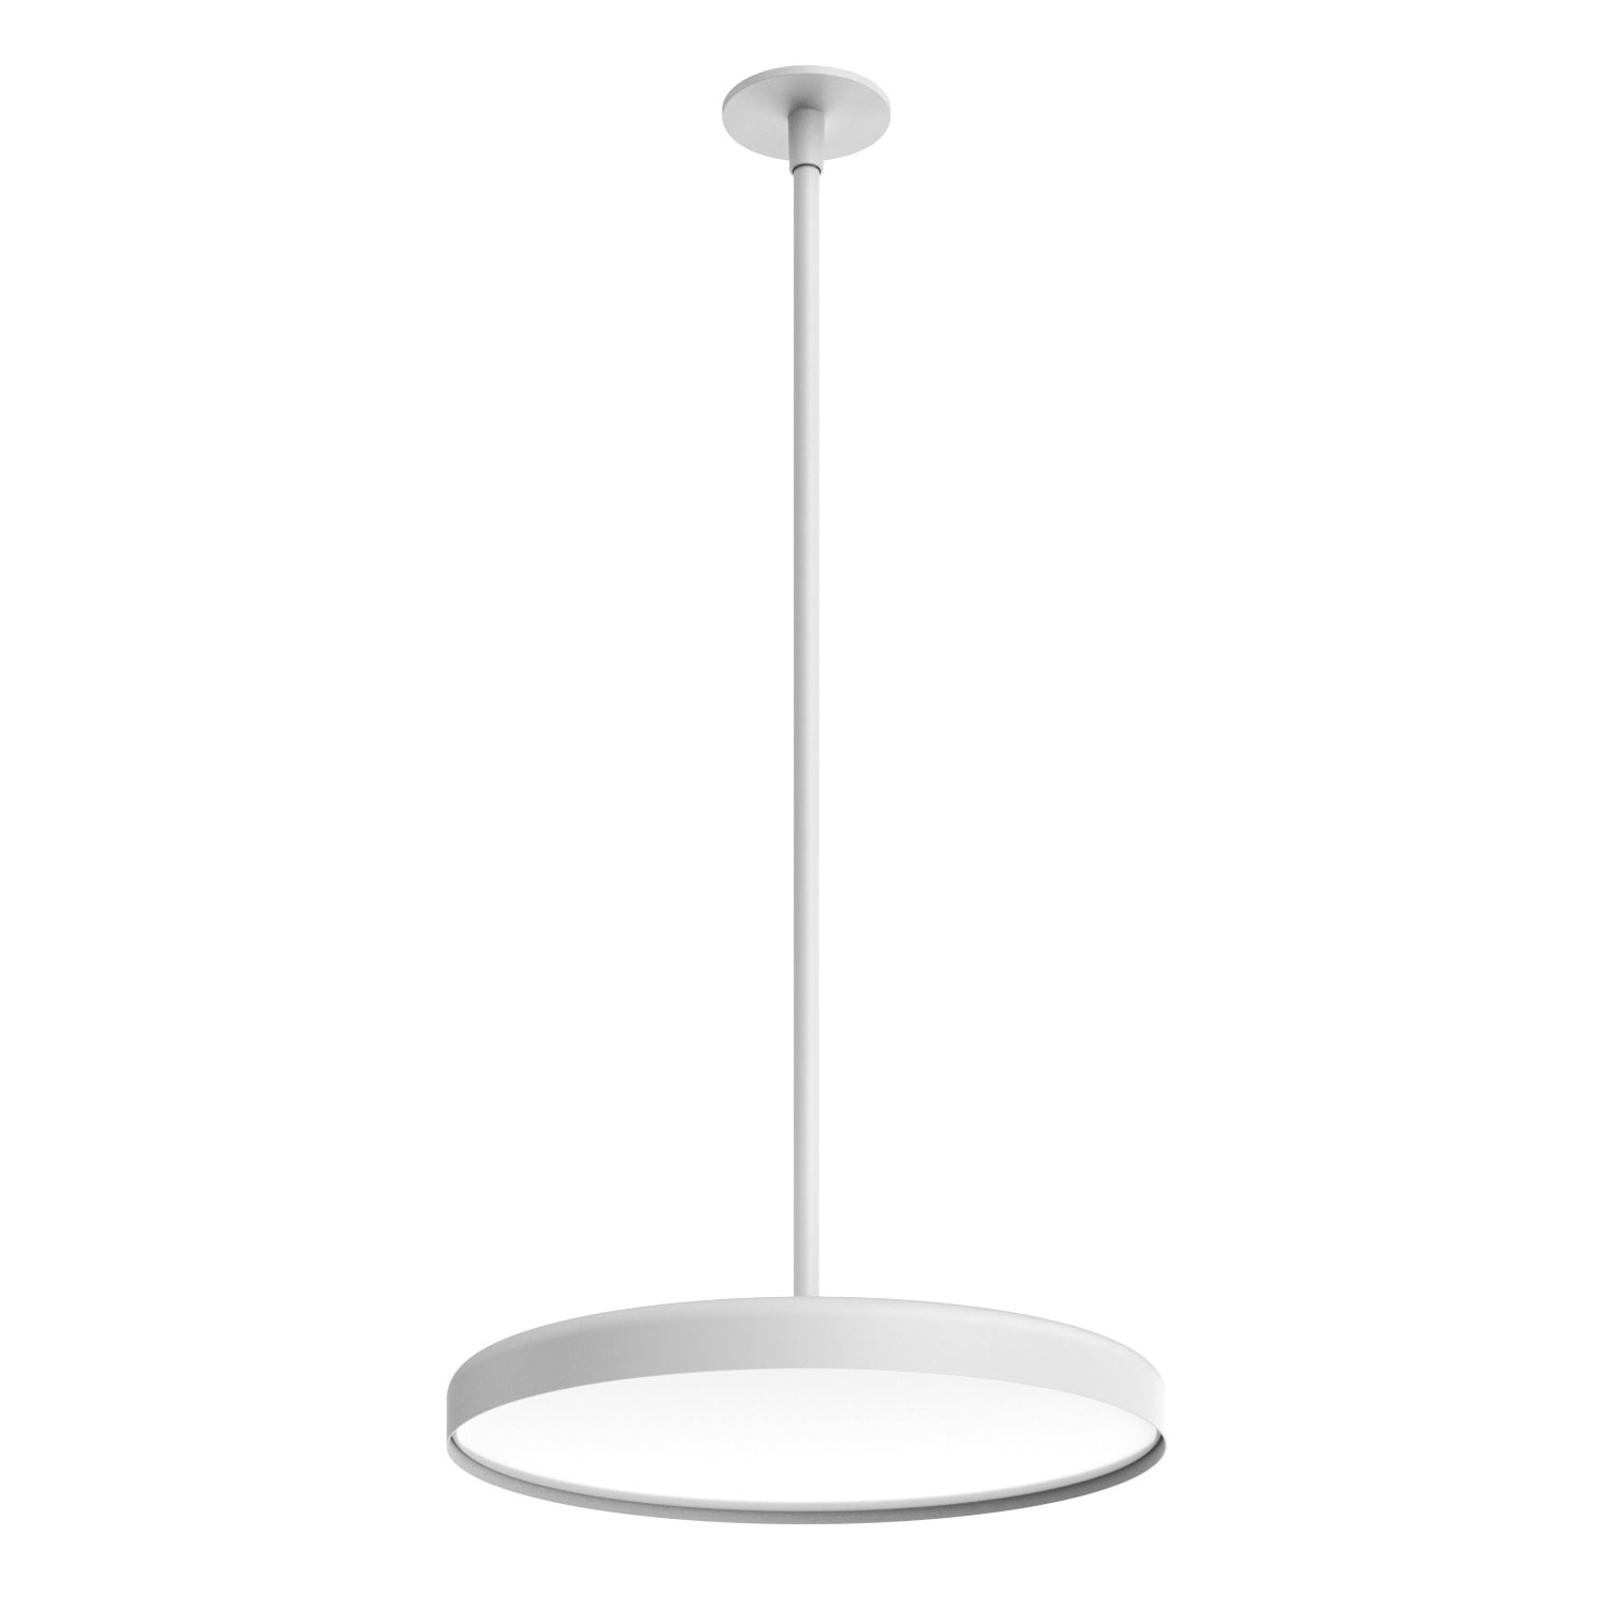 FLOS Infra-Structure C1 LED-taklampe, hvit